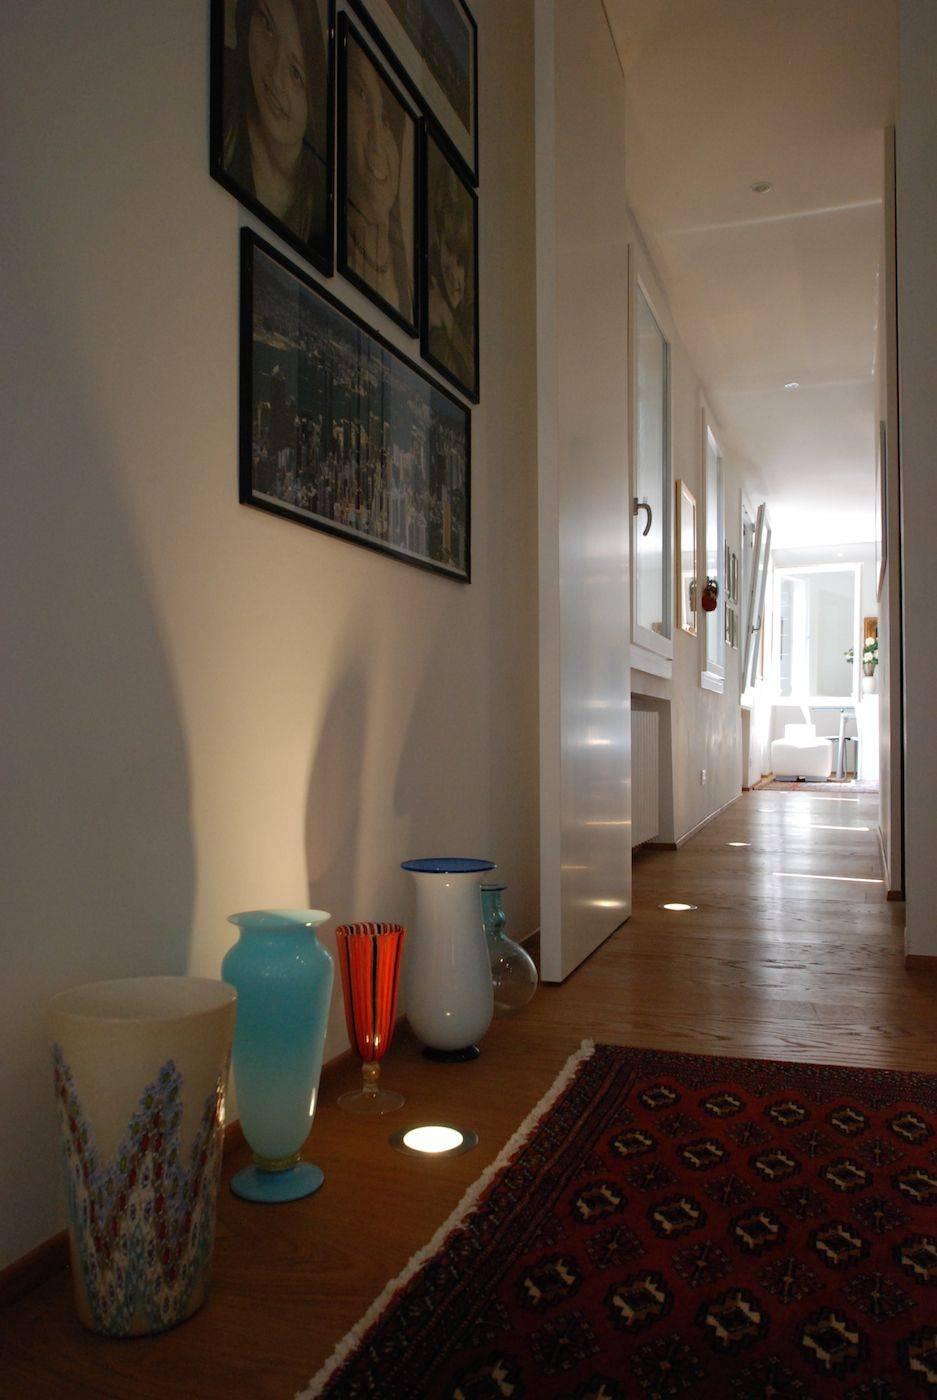 elegant details: Murano Glass vases